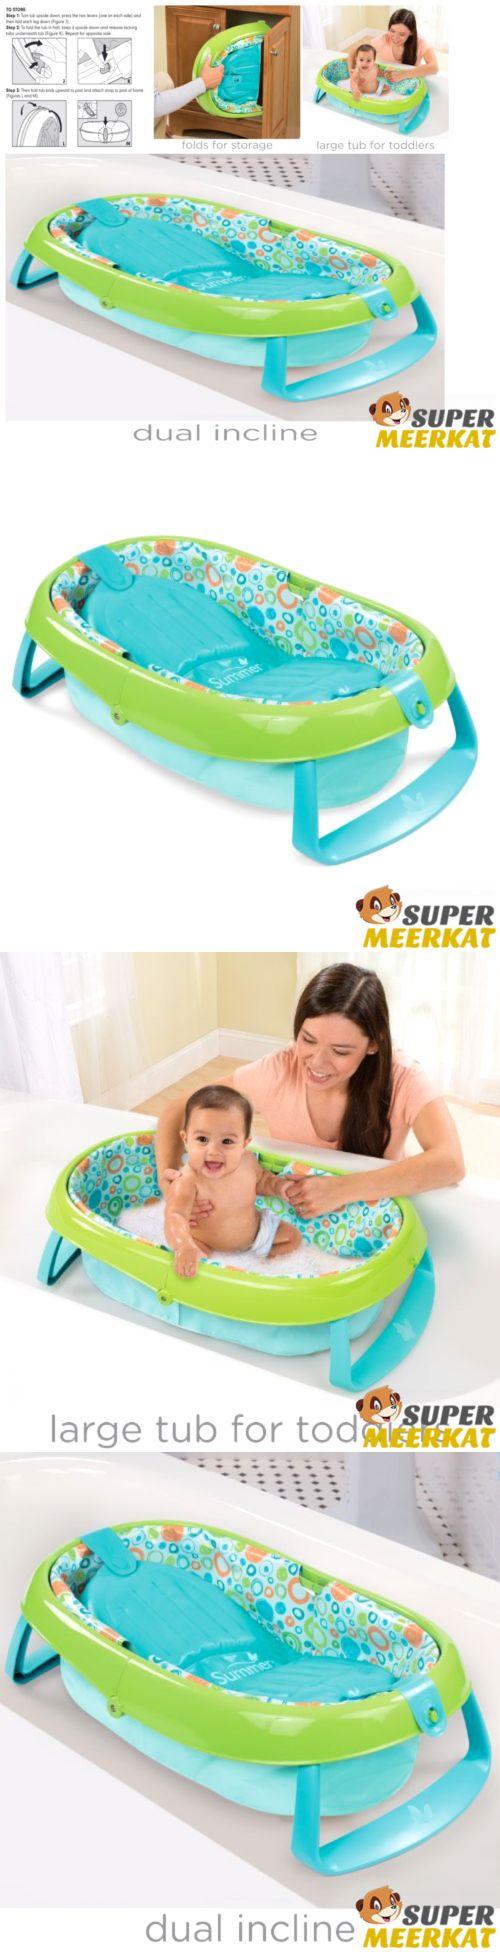 Bath Tubs 113814: Baby Tub Seat Bath Bathtub Shower Spa Wash Infant ...